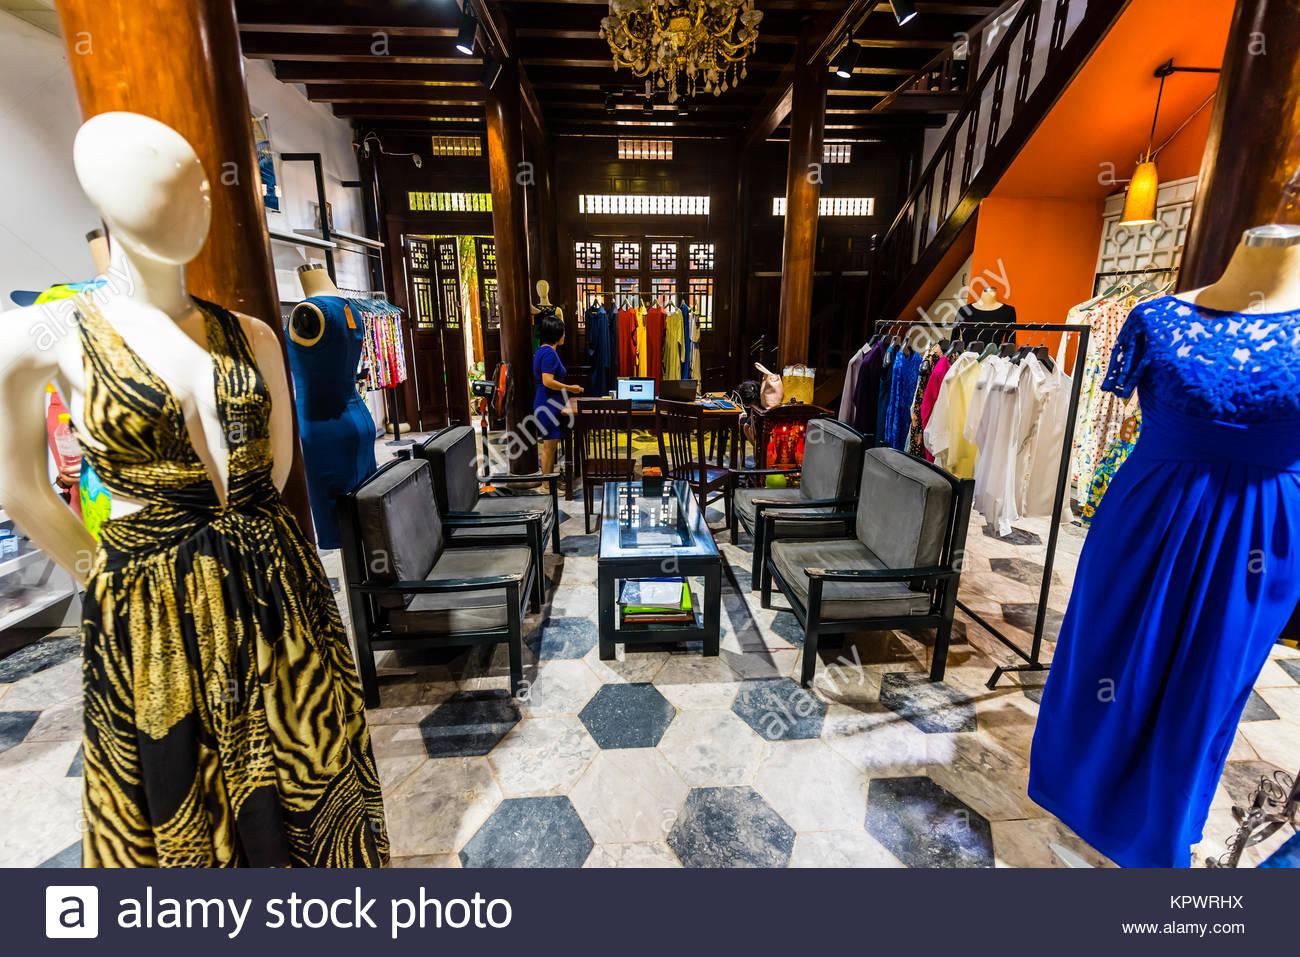 Yaly Couture, la plus prestigieuse sur mesure sur mesure et shoemaker à Hoi An, au Vietnam. Photo Stock